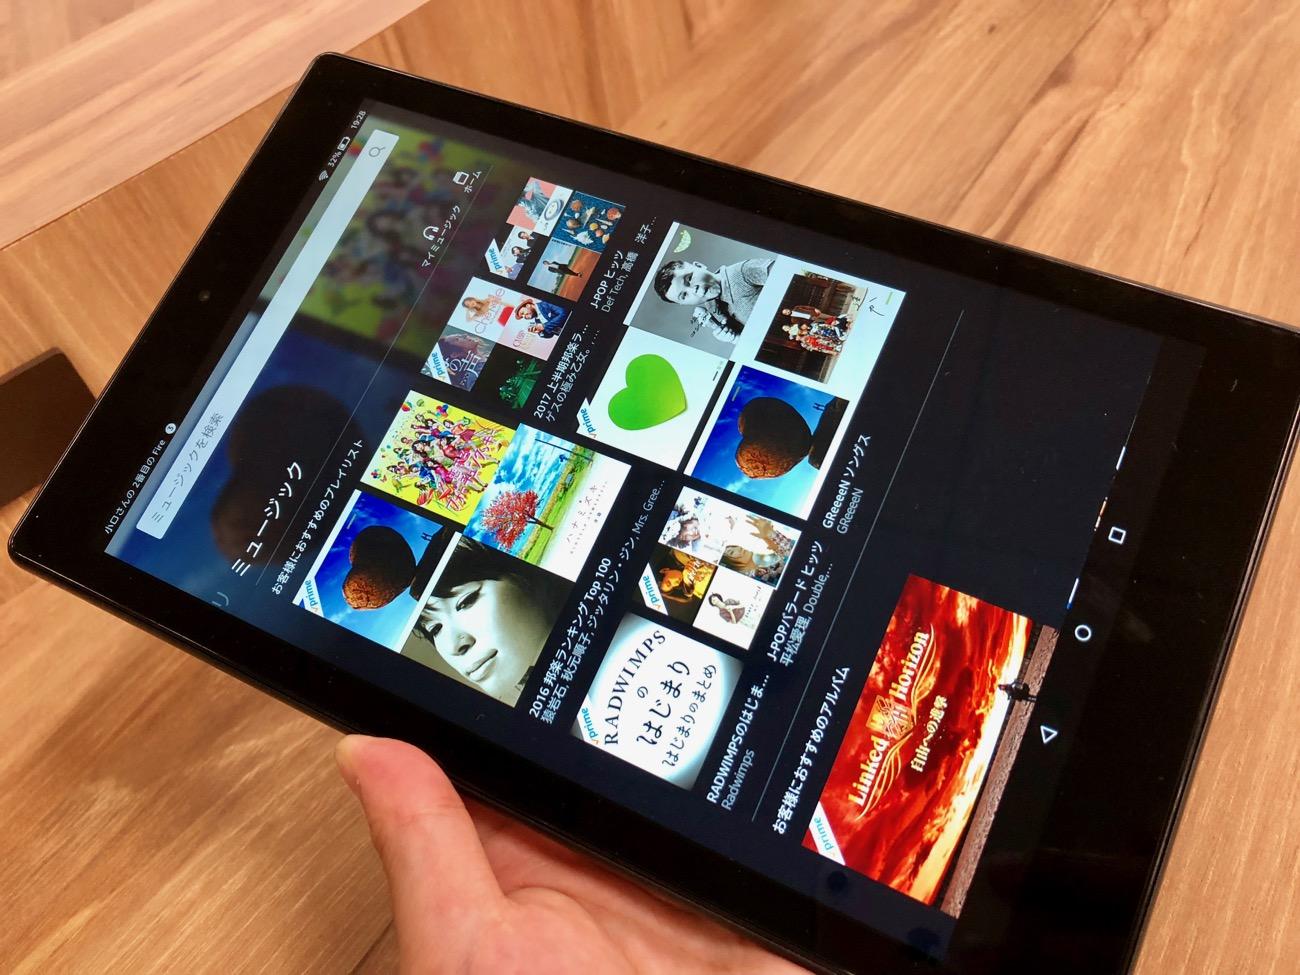 Amazon 新Fire HD 10レビュー、リビング常備タブレットの最適解